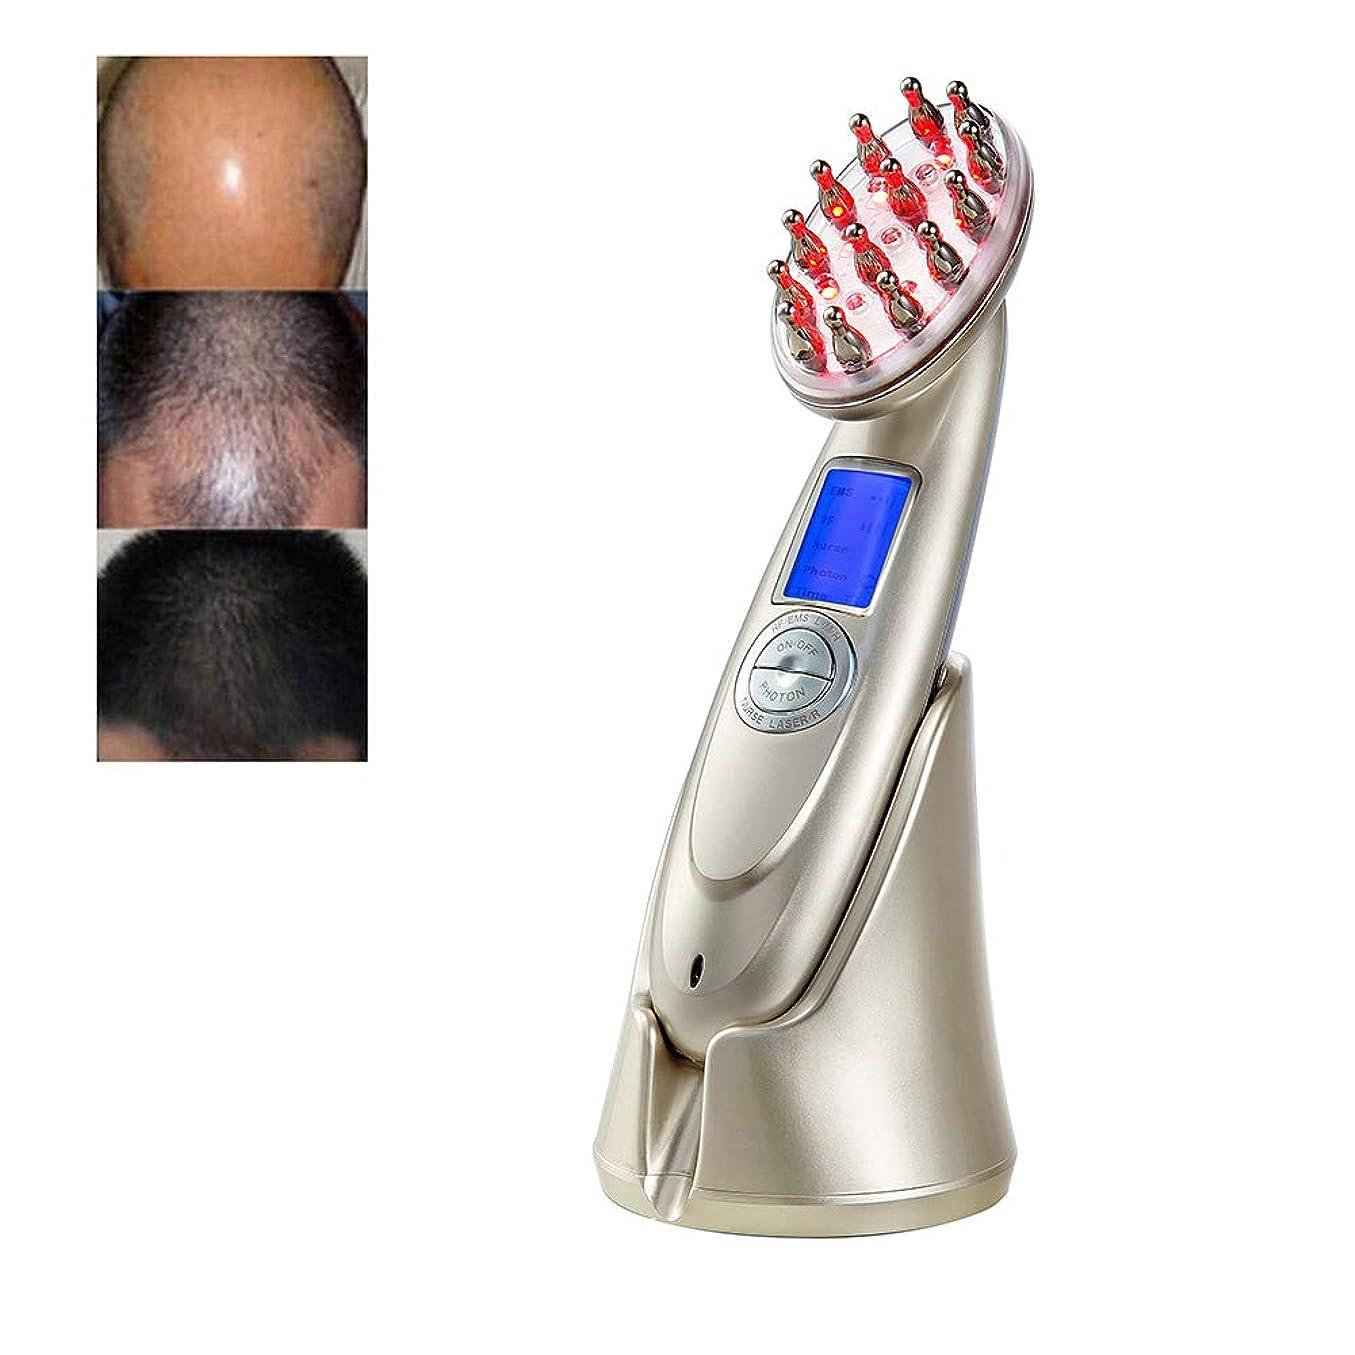 文明化レポートを書く傾く抗脱毛櫛 RF EMS ナース LED 光子レーザー刺激発毛ブラシヘッド頭皮修復ヘアマッサージ美容くし